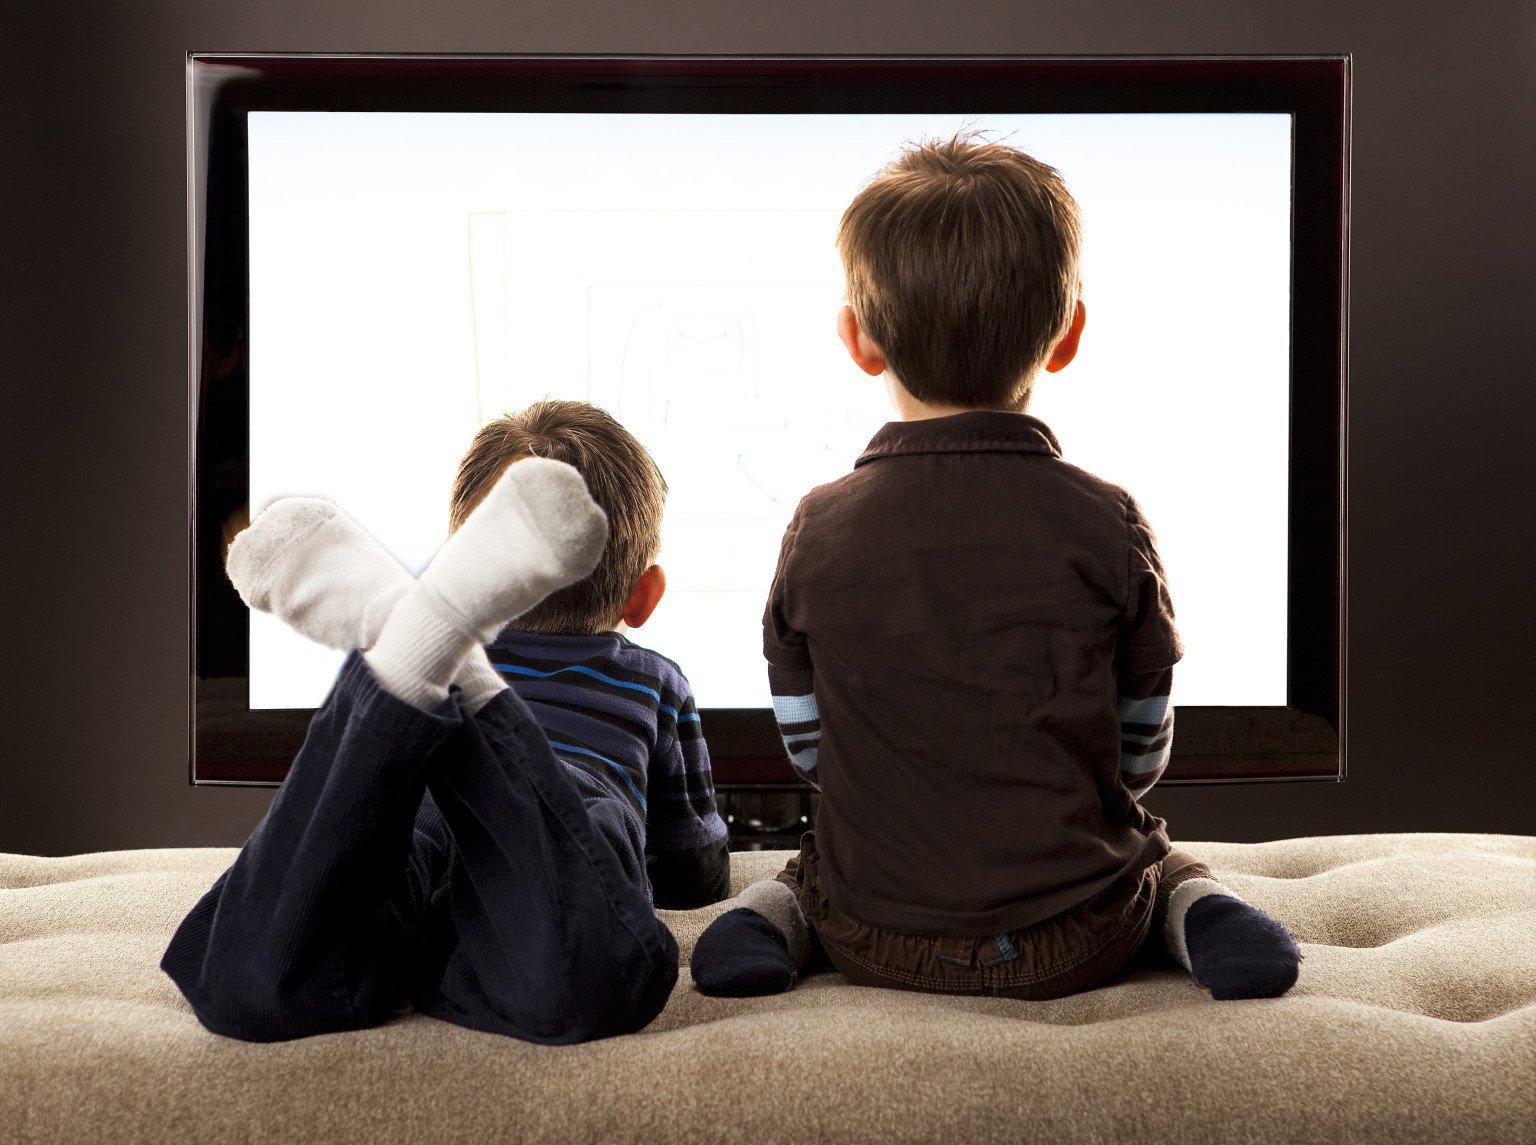 Один час просмотра телевизора вдвое повышает риск ожирения у детей